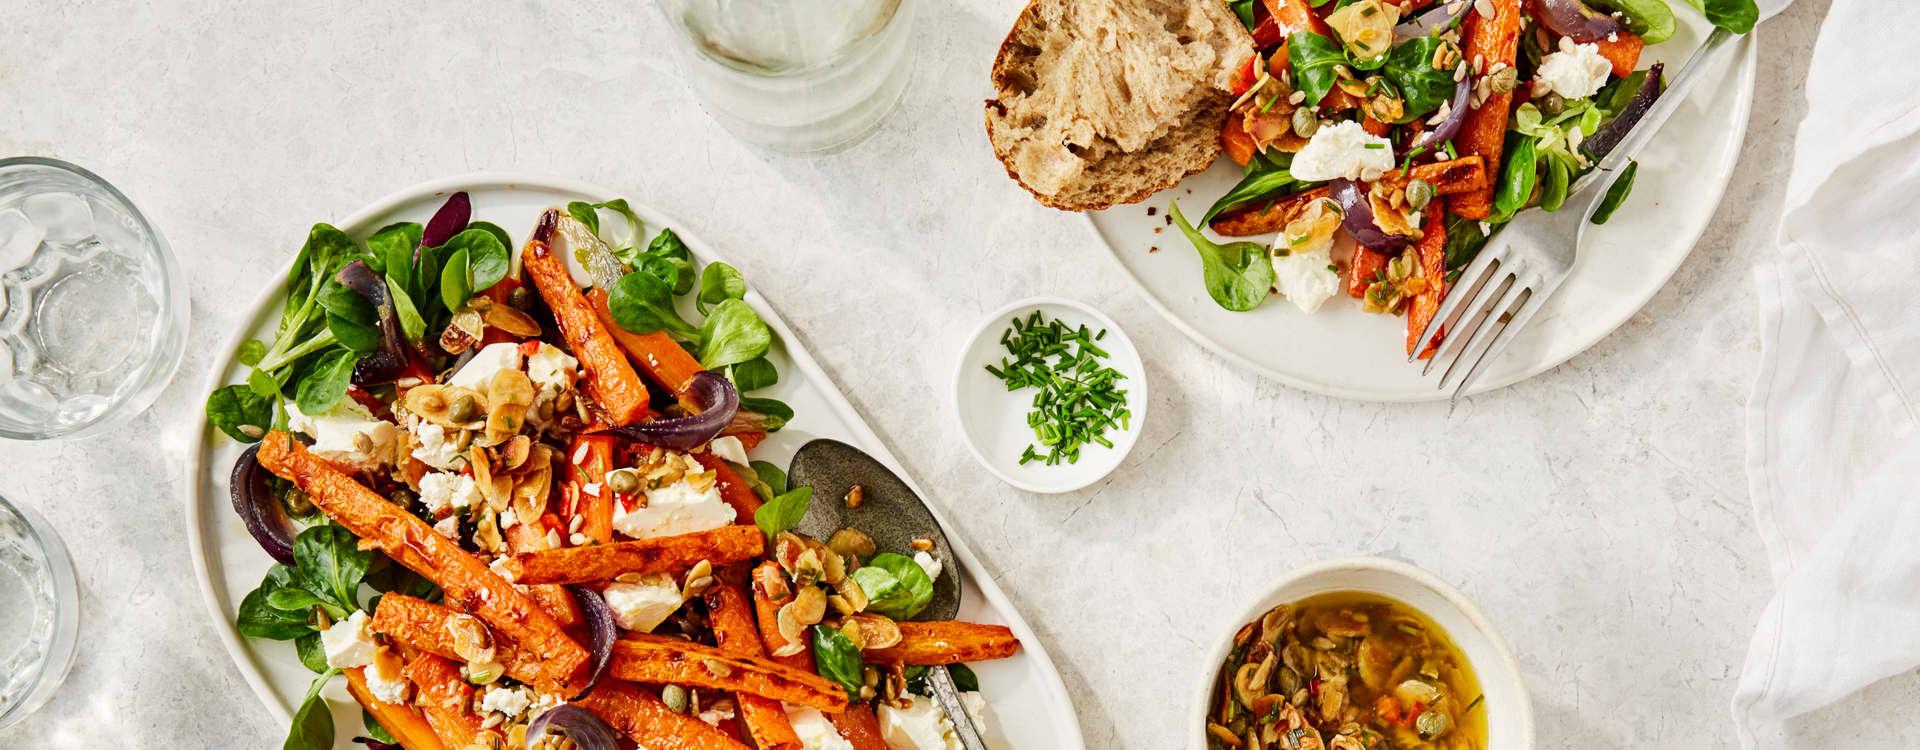 Salat med ovnsbakte gulrøtter, feta og mandler